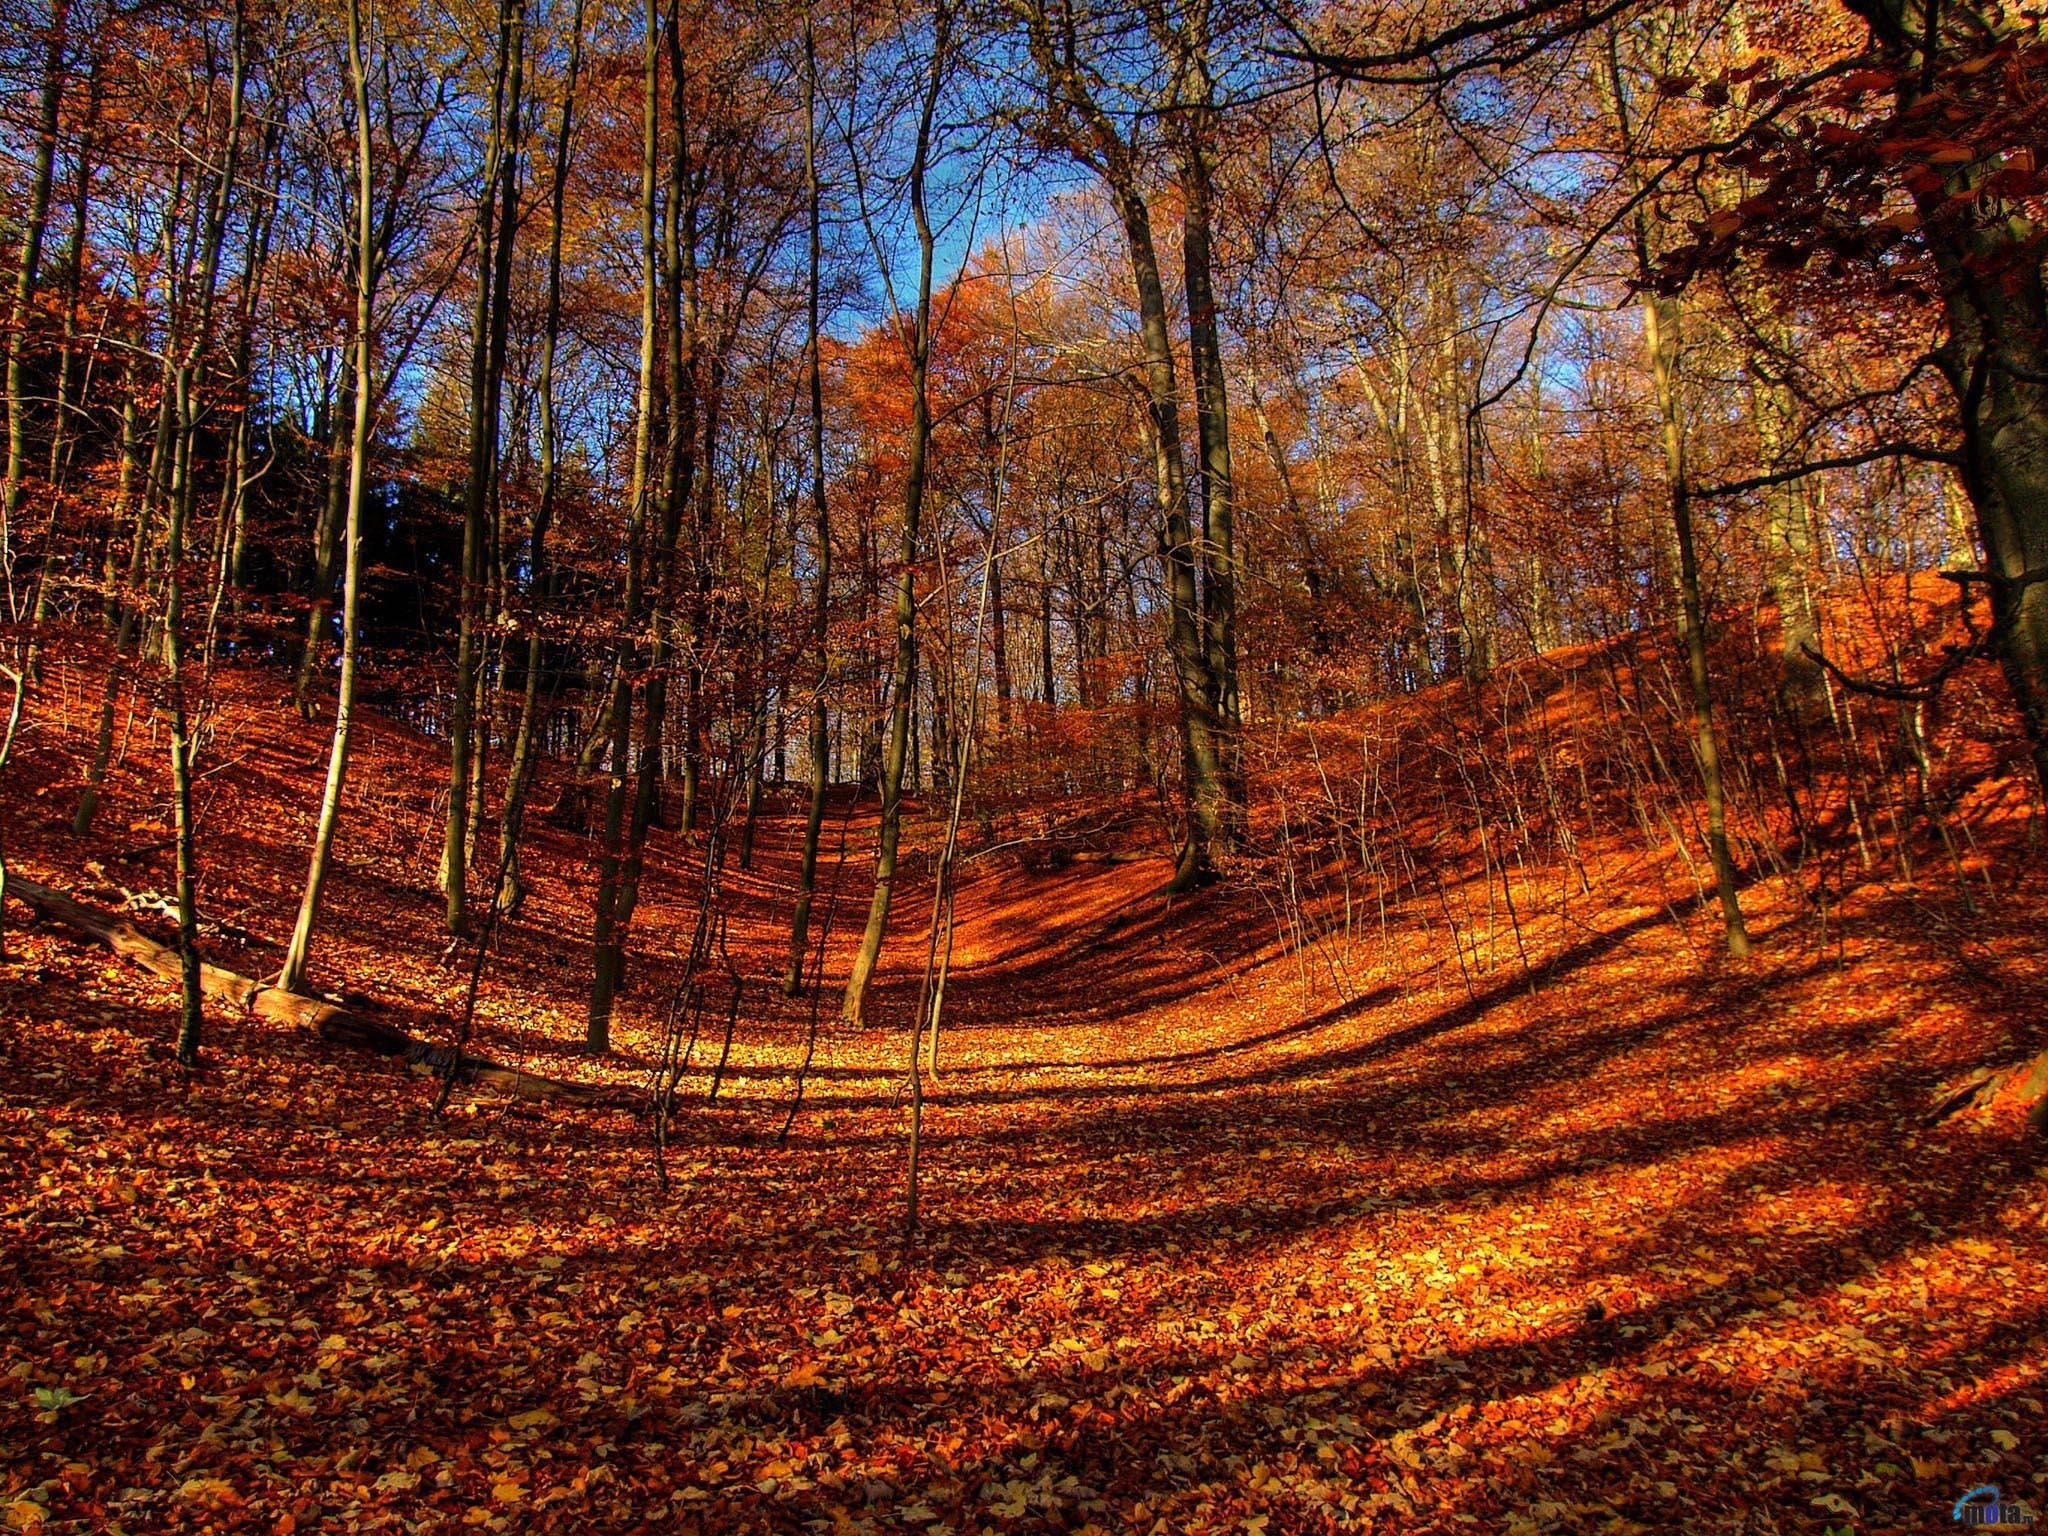 Прекрасная осень (22 фото) Фото, картинки, видео, приколы и лучшие